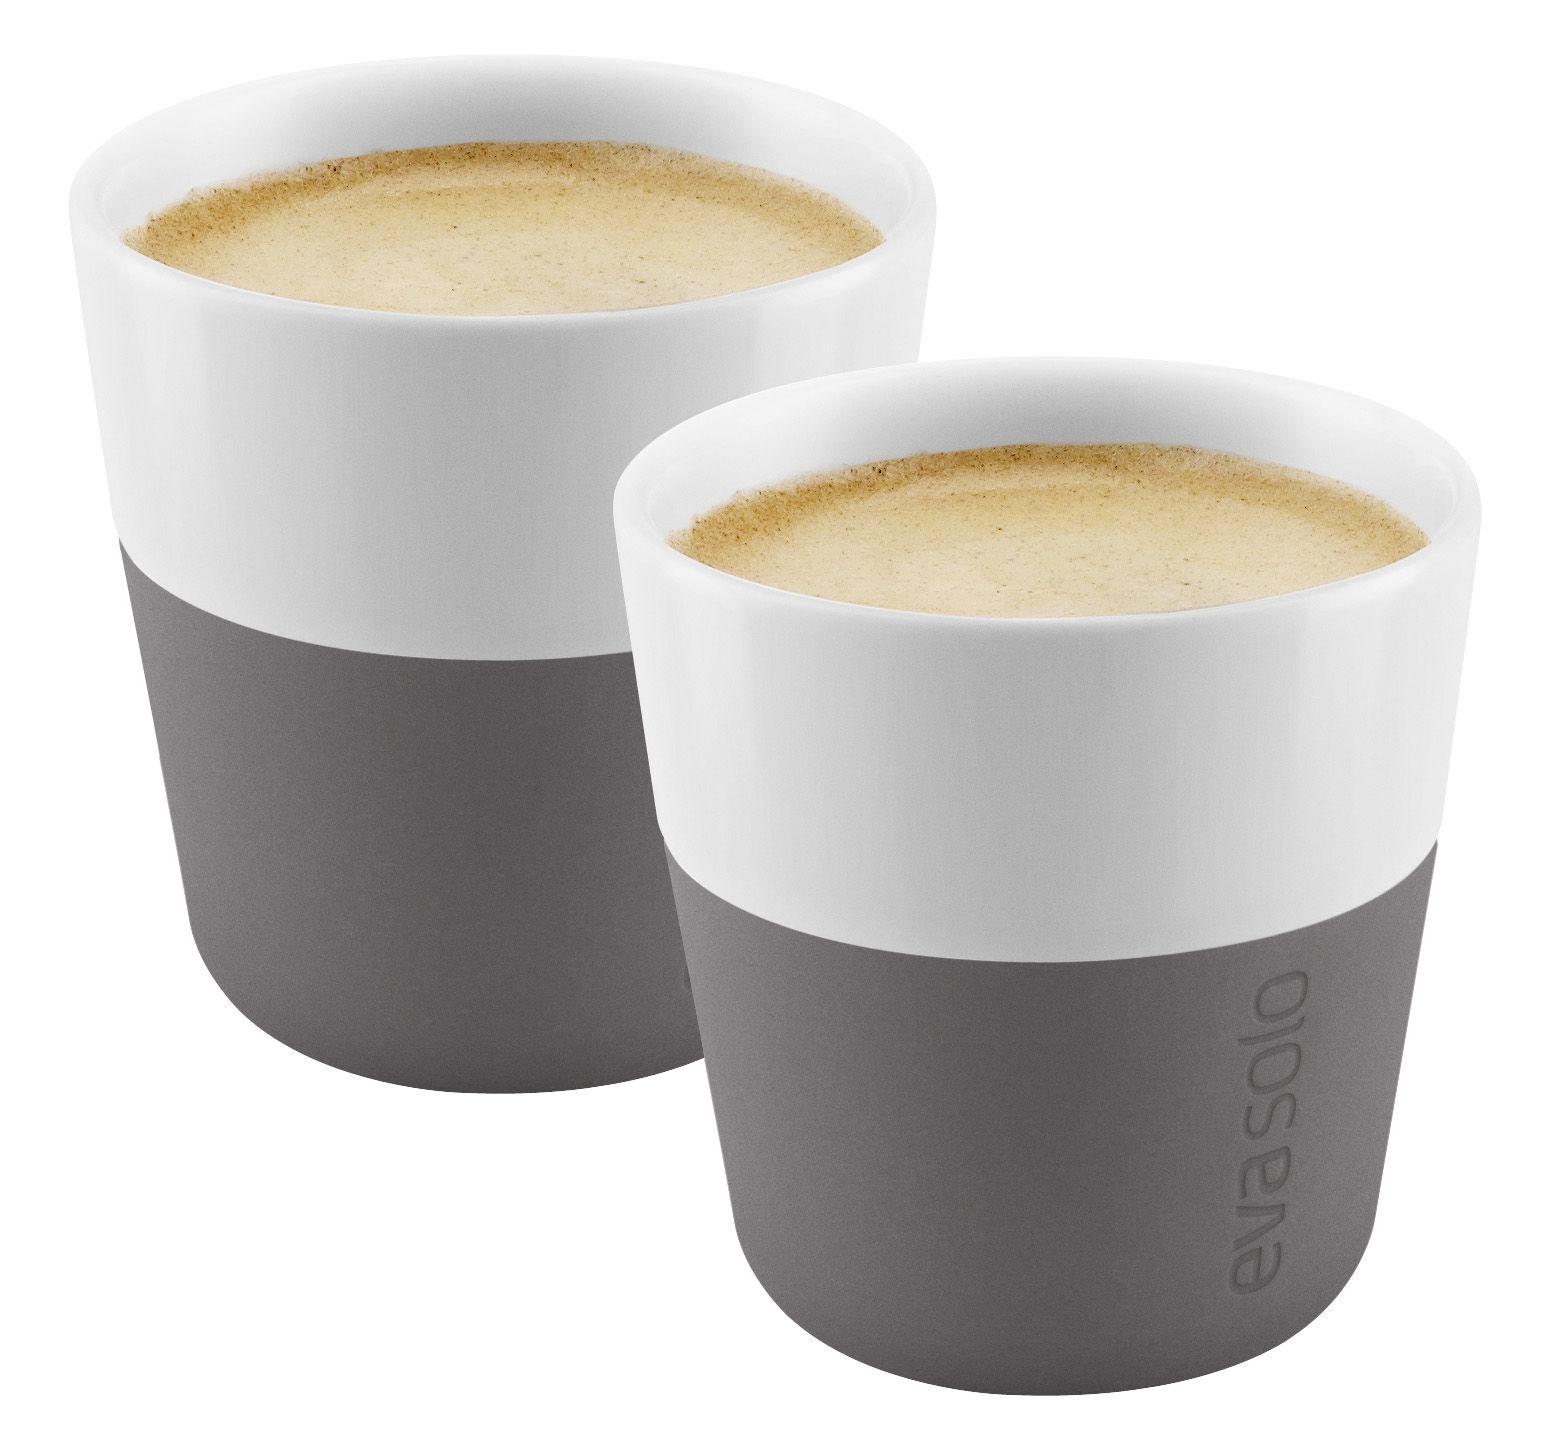 Tavola - Tazze e Boccali - Espresso tazza - /Set da 2 - 80 ml di Eva Solo - Bianco / Silicone grigio elefante - Porcellana, Silicone